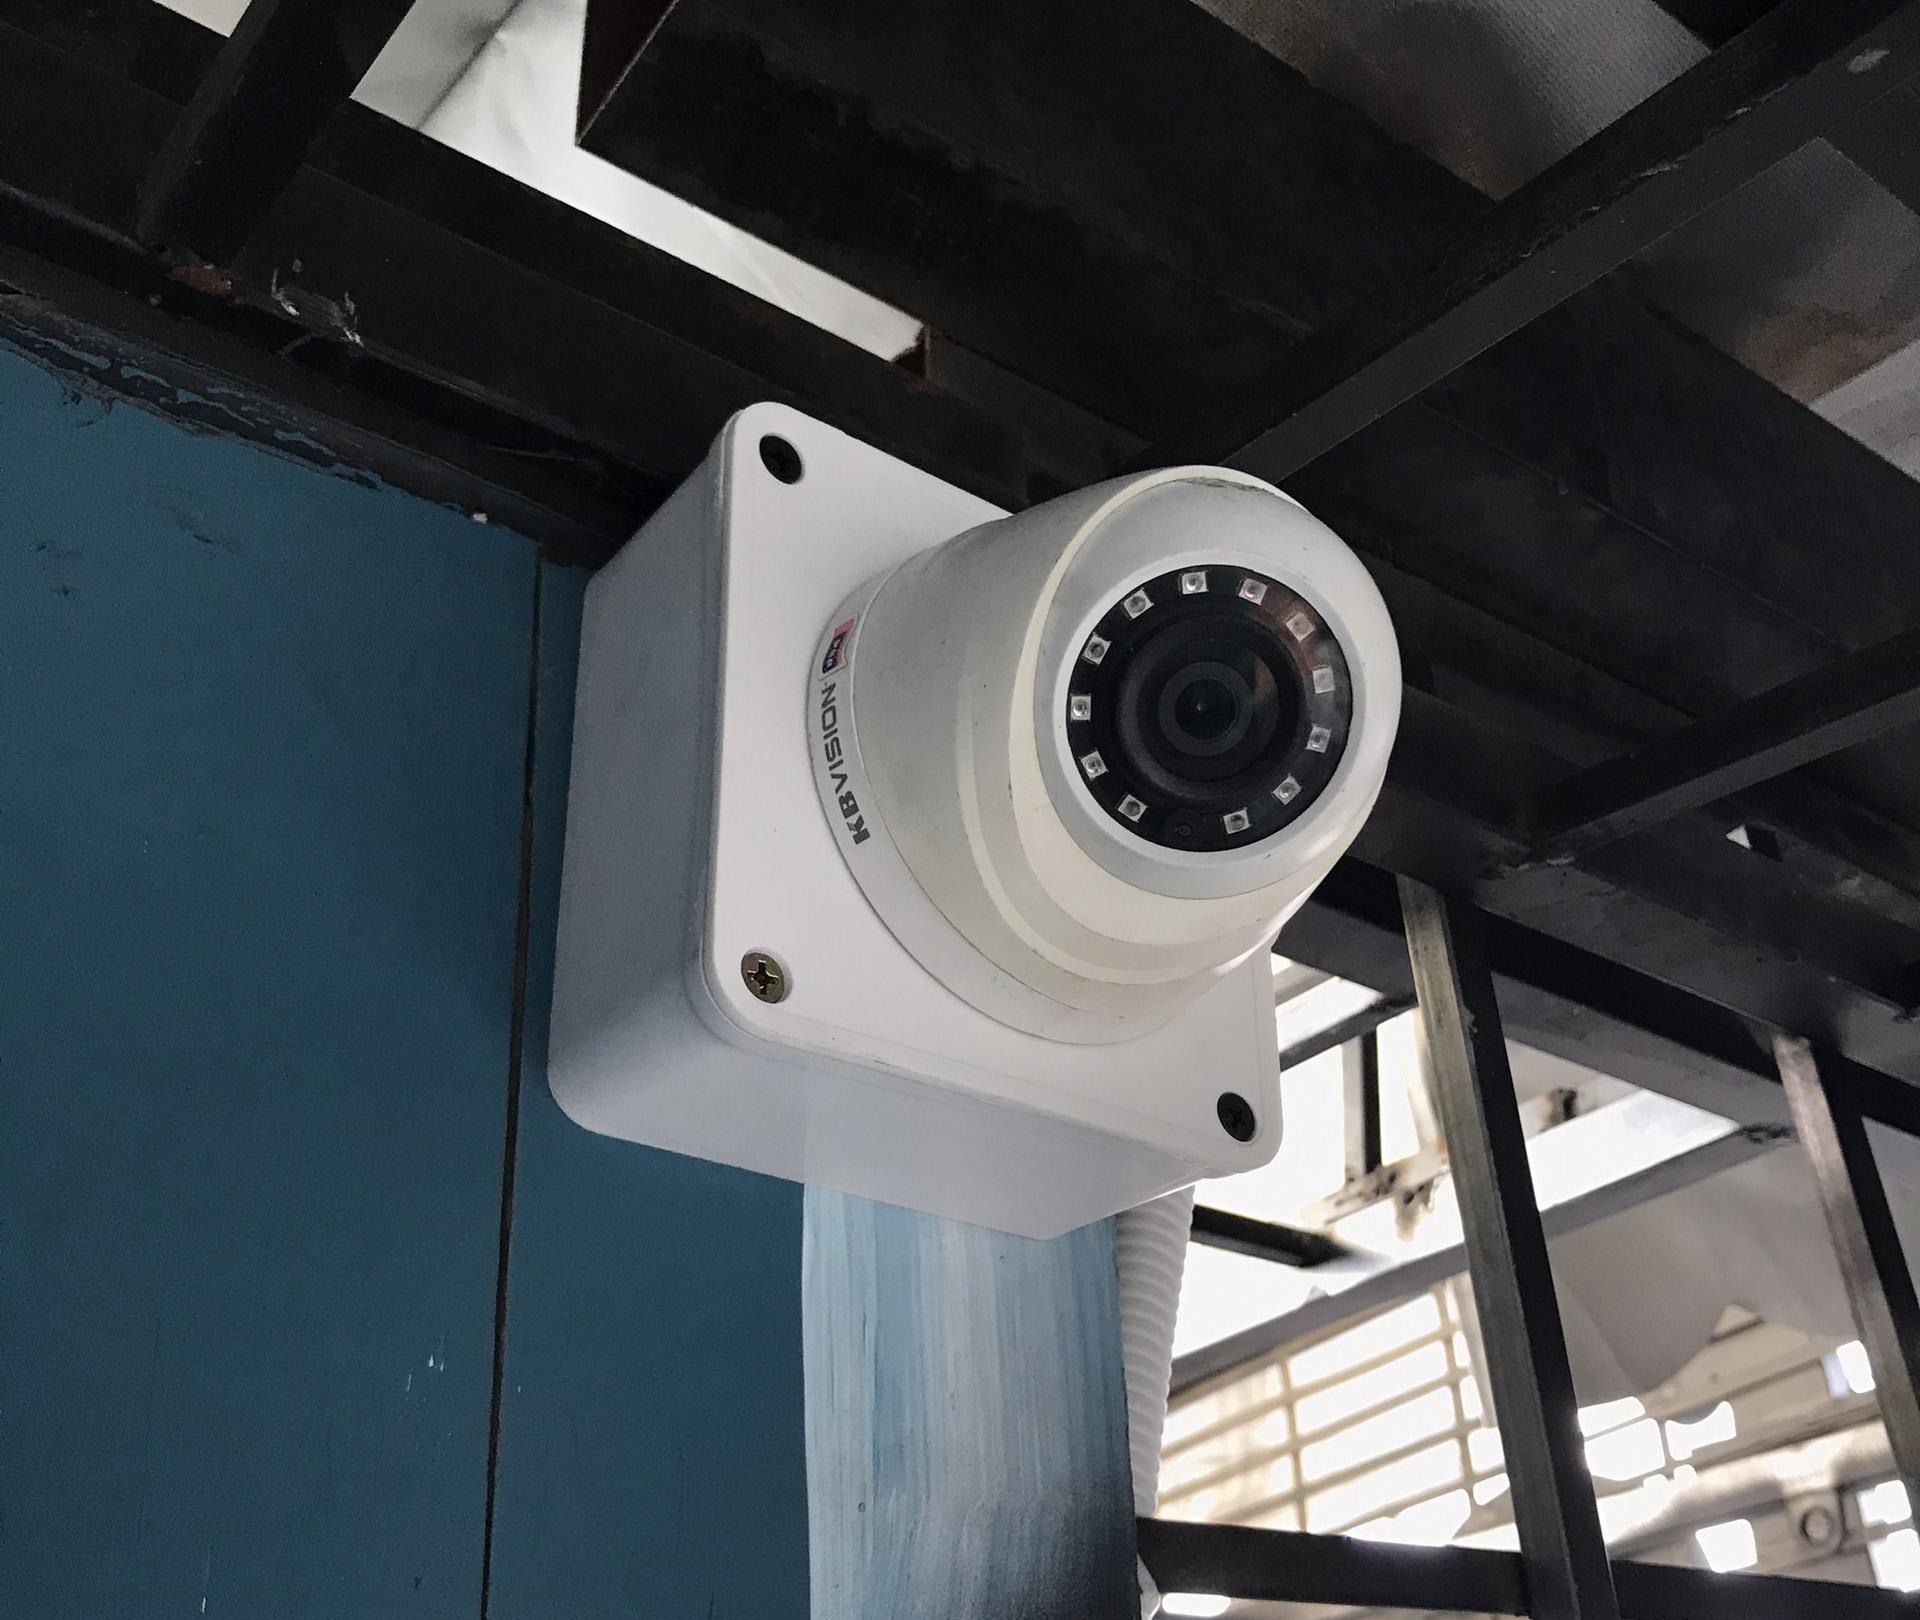 Hình ảnh lắp đặt camera kbvision